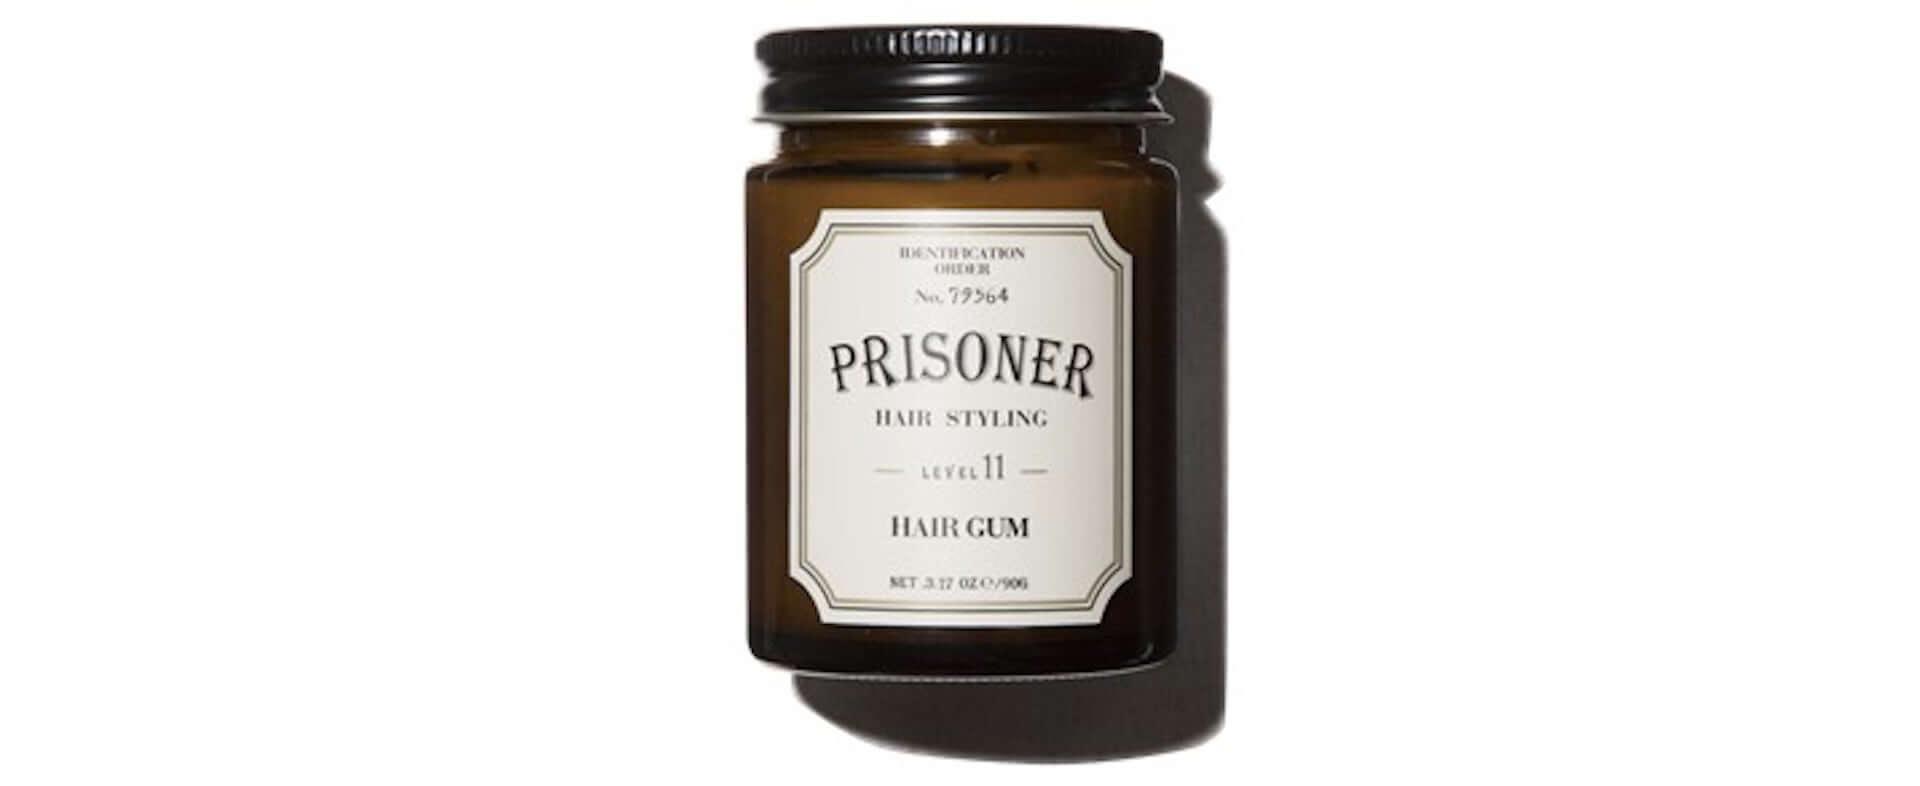 パサつかないバーム系ハードワックス『HAIR GUM』がPRISONERから発売決定!フレッシュなミックスシトラスの香り付き lf210107_prisoner_5-1920x786